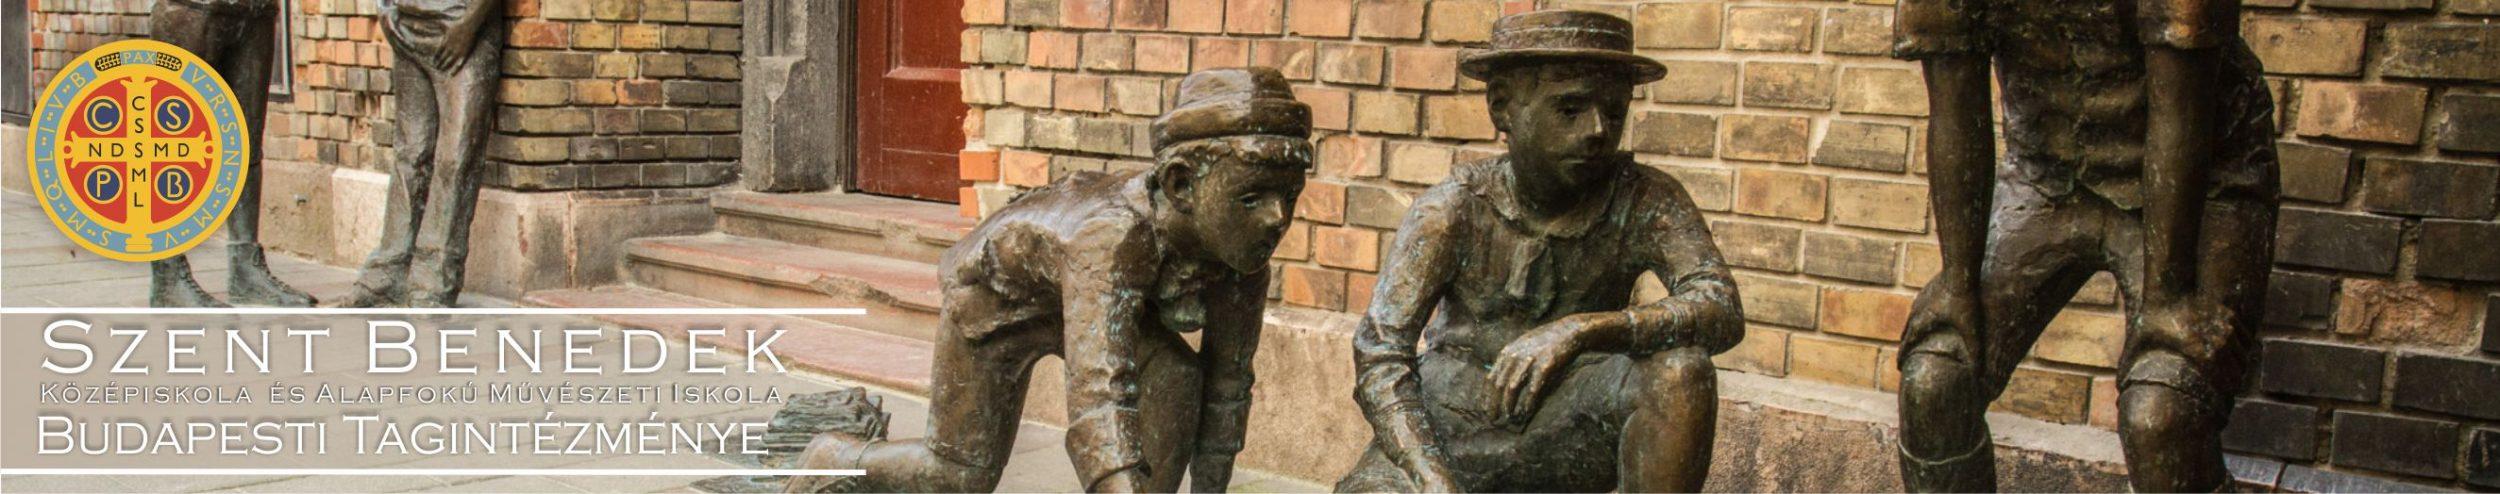 Szent Benedek Többcélú Szakképző Intézmény Budapesti Tagintézménye